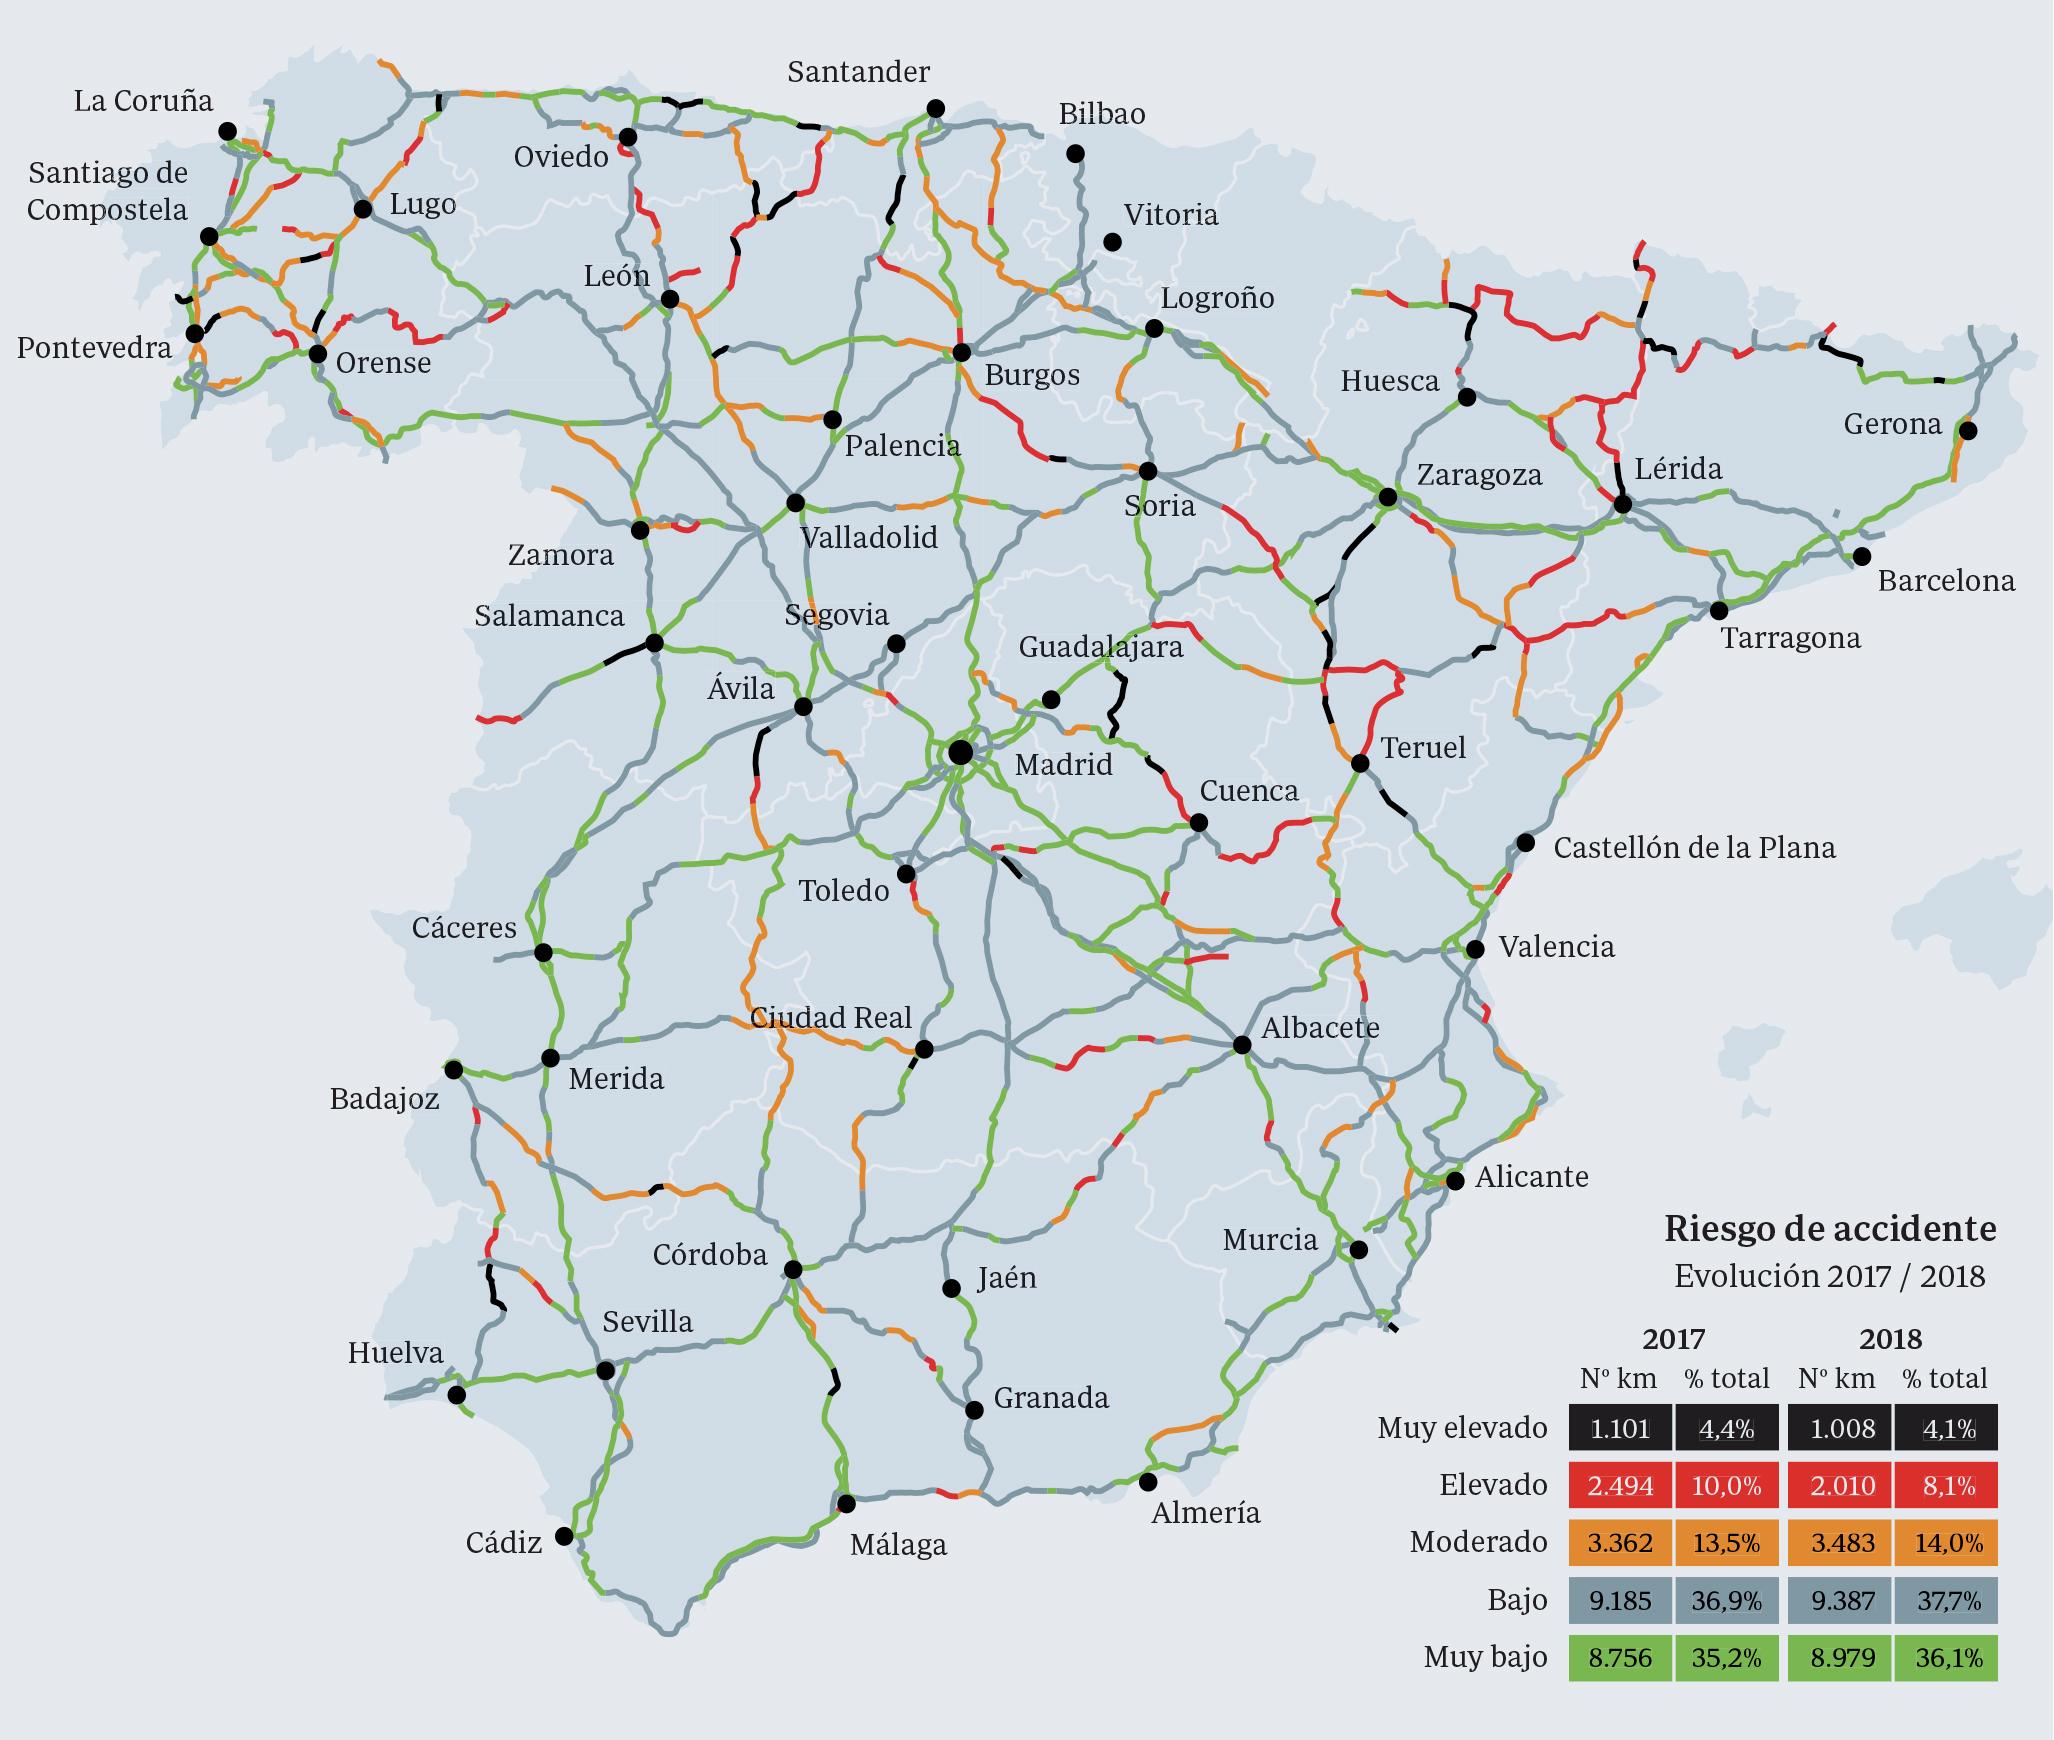 Provincias Mapa De España Carreteras.Mapa Interactivo Los Tramos De Carretera Mas Peligrosos De